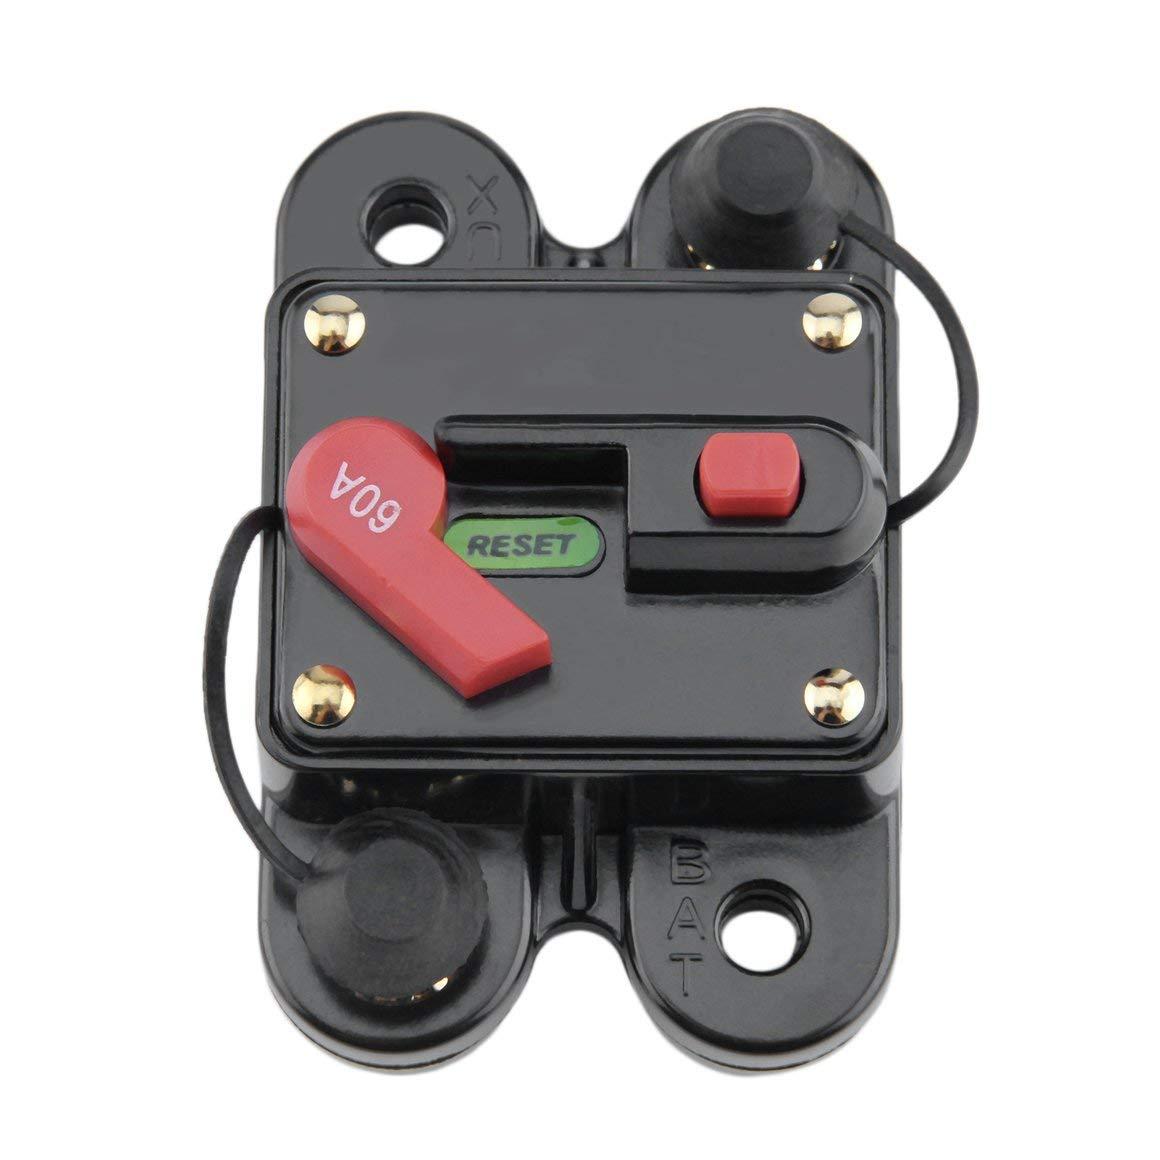 Funnyrunstore 50A 60A 80A 100A 125A 150A 200A 250A opcional Fusible del disyuntor en lí nea del audio del coche para 12V protecció n SKCB-01-100A (Estilo: 125A)